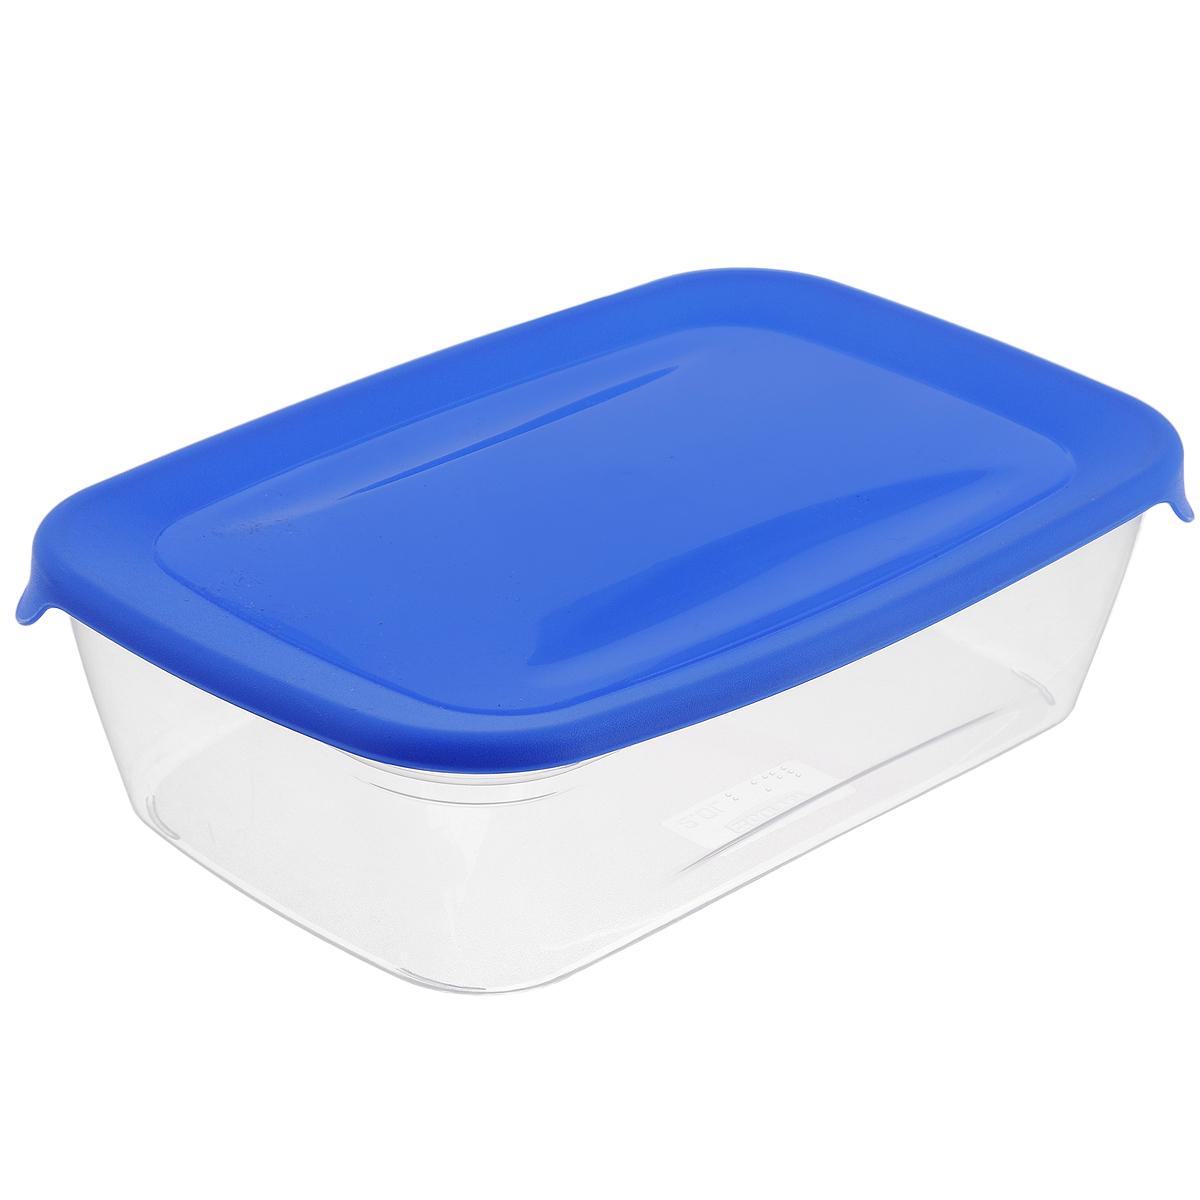 Емкость для заморозки и СВЧ Curver Fresh & Go, цвет: синий, 2 лVT-1520(SR)Прямоугольная емкость для заморозки и СВЧ Curver Fresh & Go изготовлена из высококачественного пищевого пластика (BPA free), который выдерживает температуру от -40°С до +100°С. Стенки емкости прозрачные, а крышка цветная. Она плотно закрывается, дольше сохраняя продукты свежими и вкусными. Емкость удобно брать с собой на работу, учебу, пикник или просто использовать для хранения пищи в холодильнике. Можно использовать в микроволновой печи и для заморозки в морозильной камере. Можно мыть в посудомоечной машине.